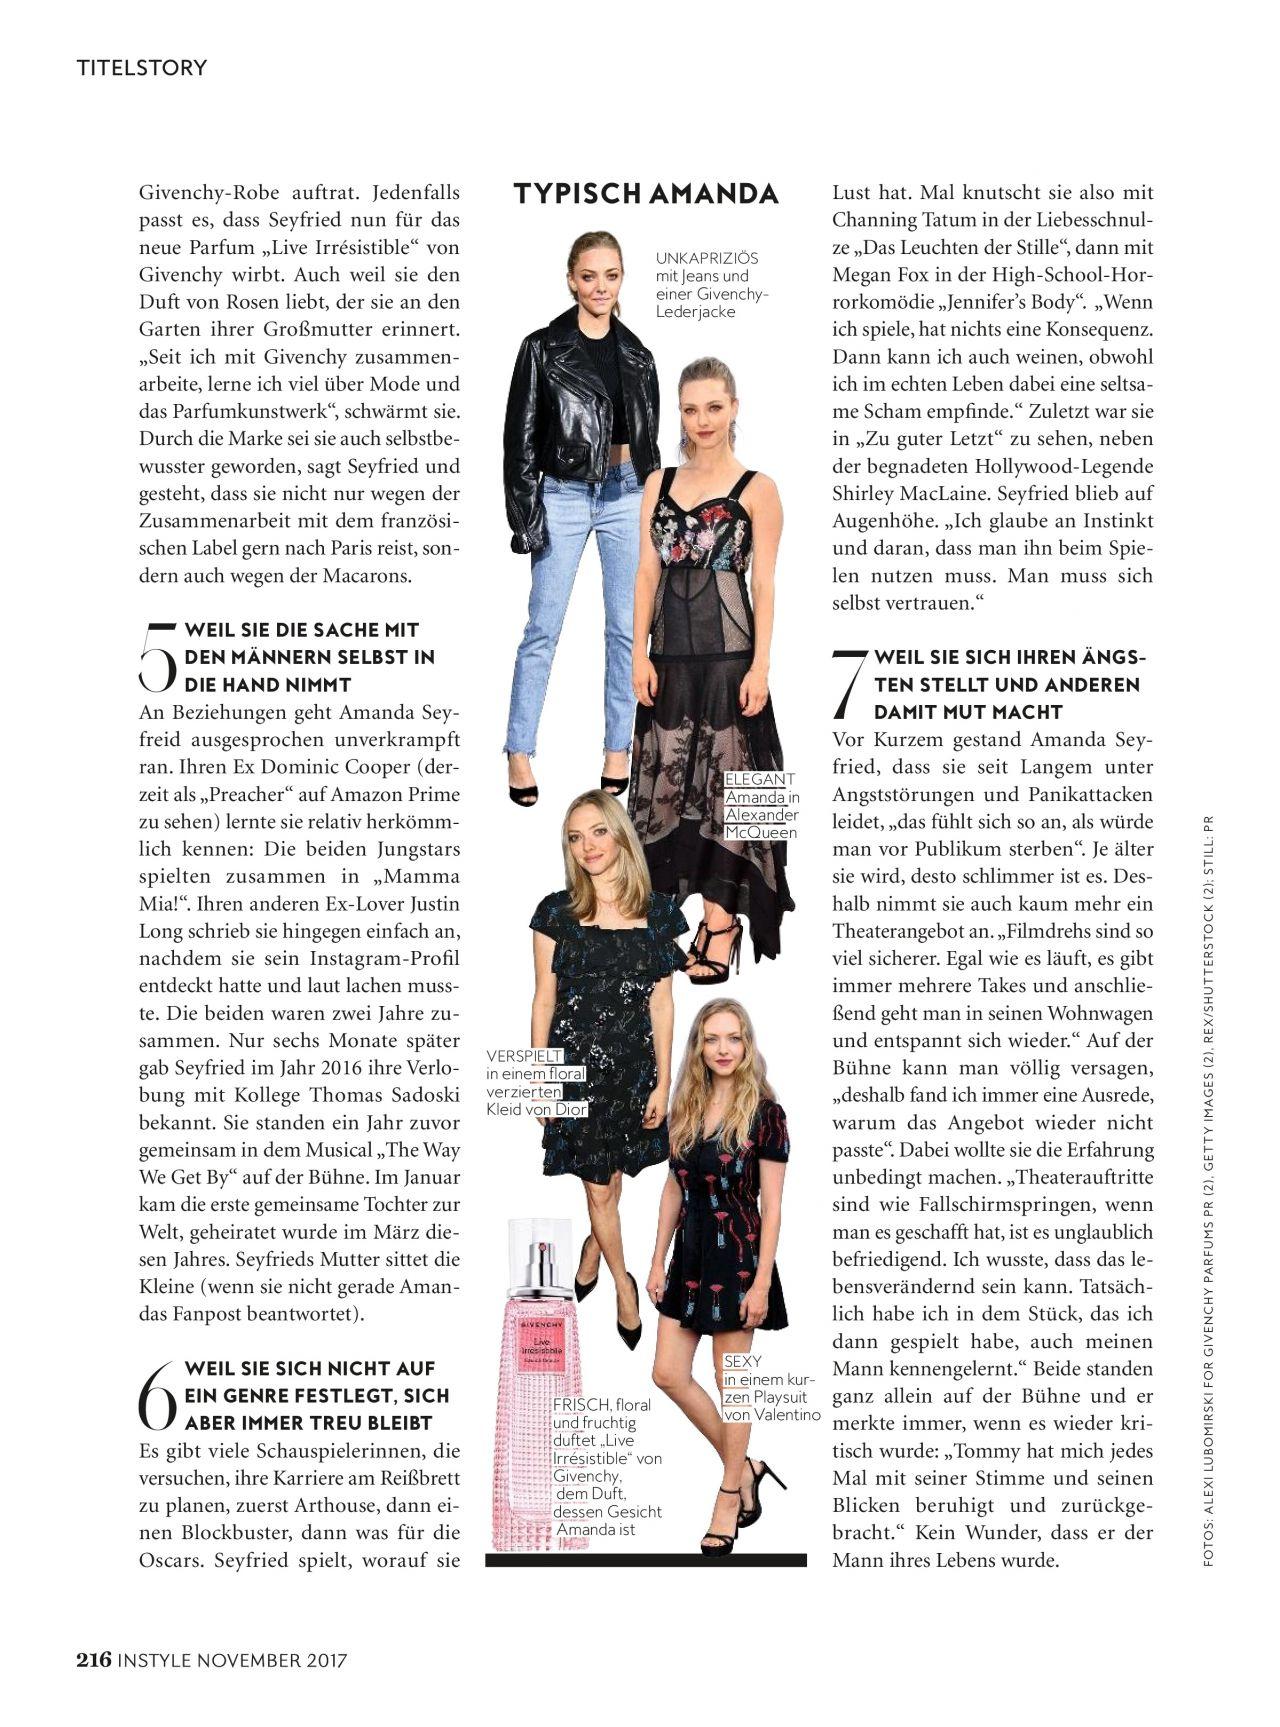 Amanda Seyfried - InStyle Magazine Germany Issue, November 2017